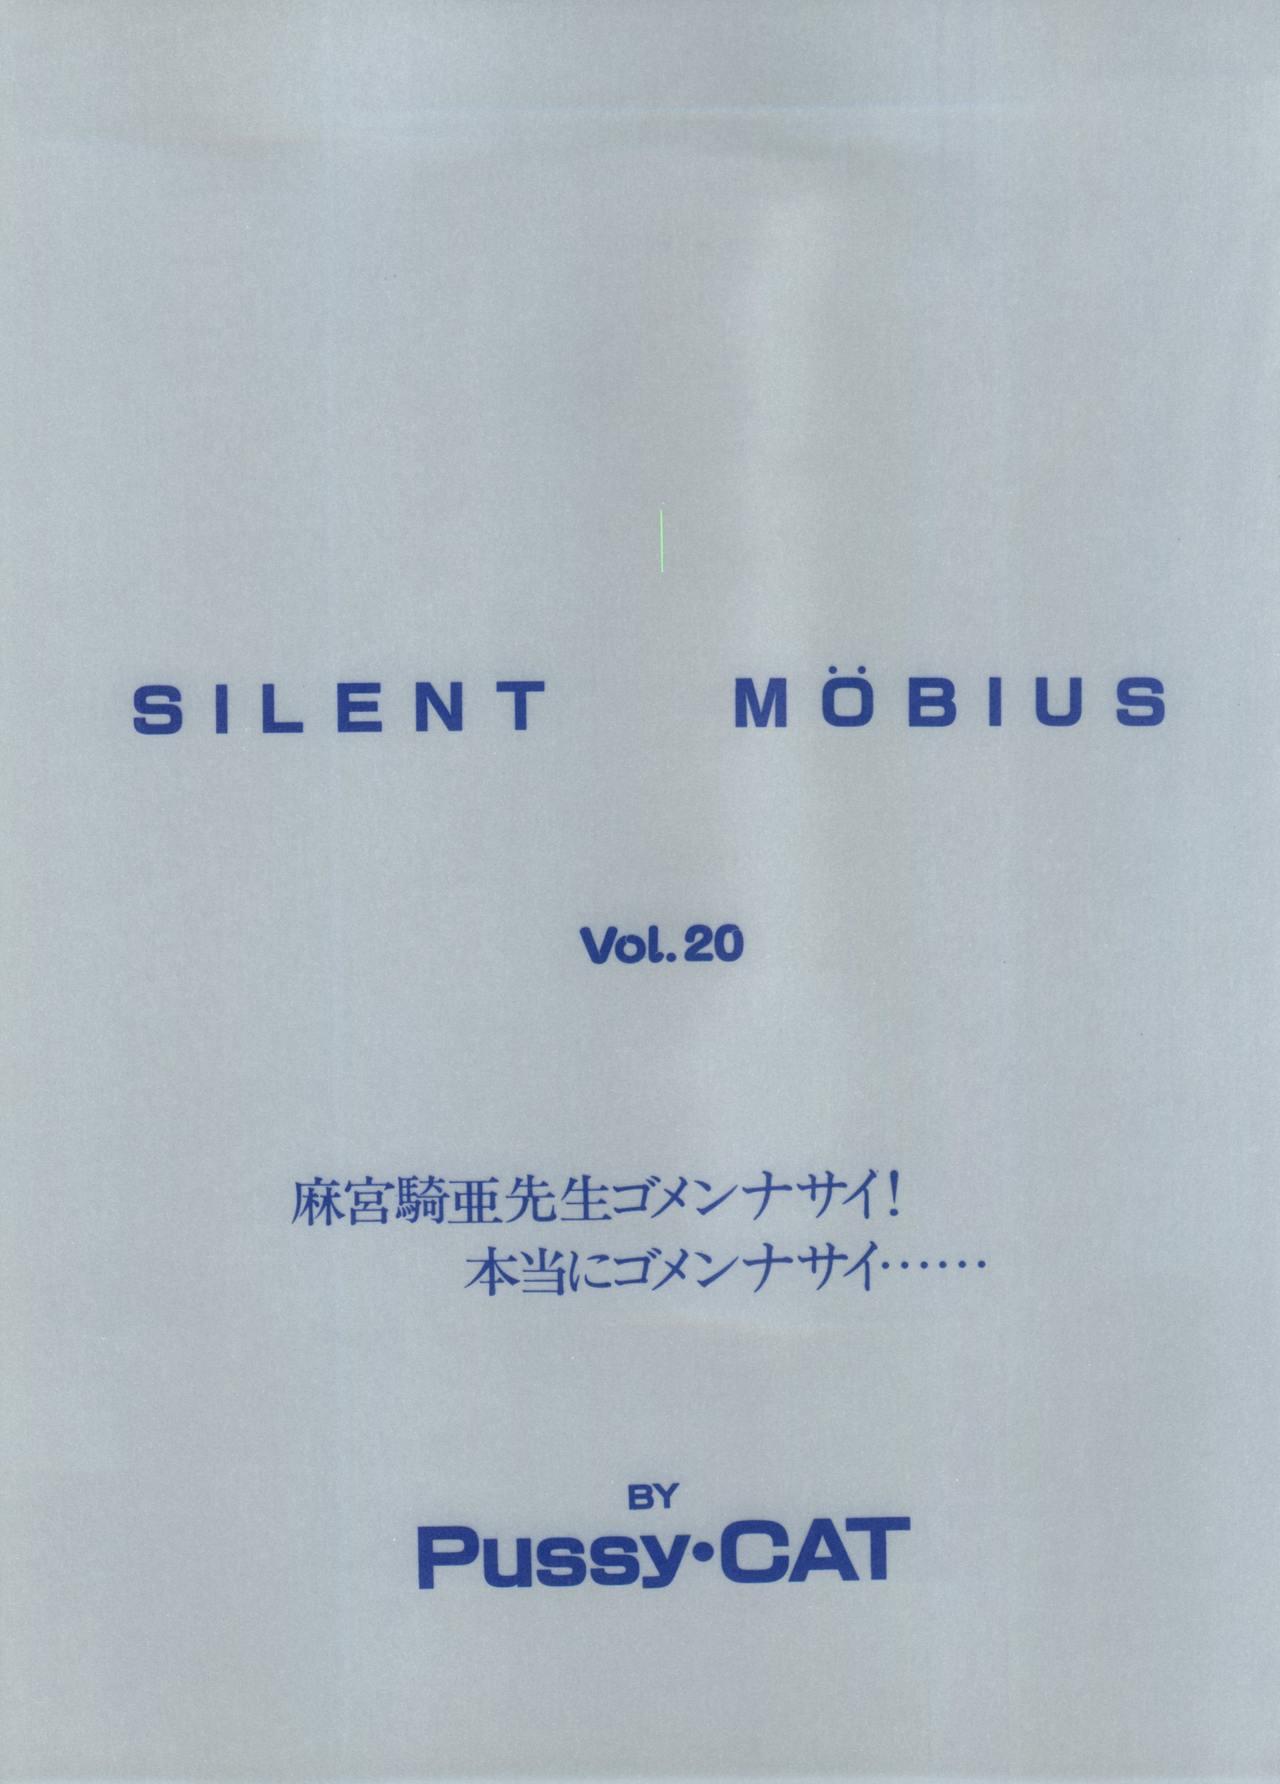 PUSSY CAT Vol. 20 Silent Mobius 2